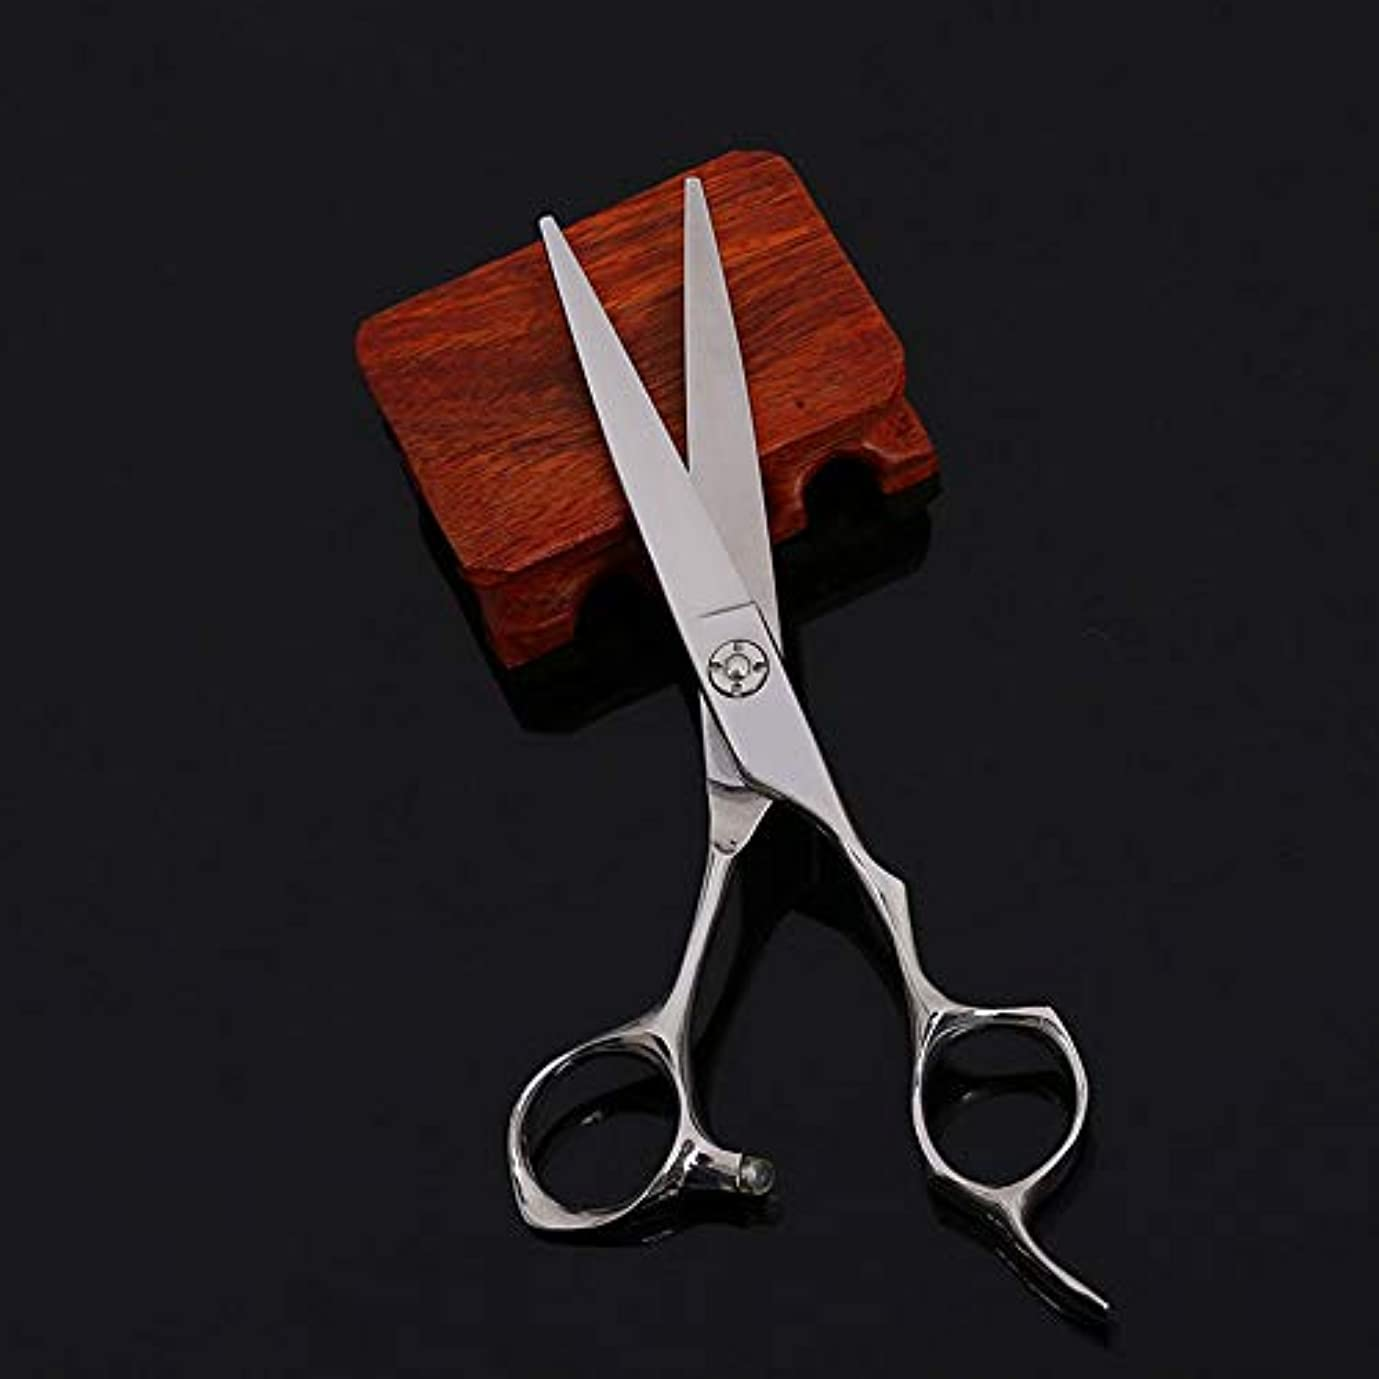 スリチンモイ微視的浮浪者WASAIO バーバープロフェッショナルヘアカットプレーンのはさみヘアカットはさみ間伐歯を設定理髪テクスチャーサロンレイザーエッジシザーとホーム工具6インチ (色 : Silver)